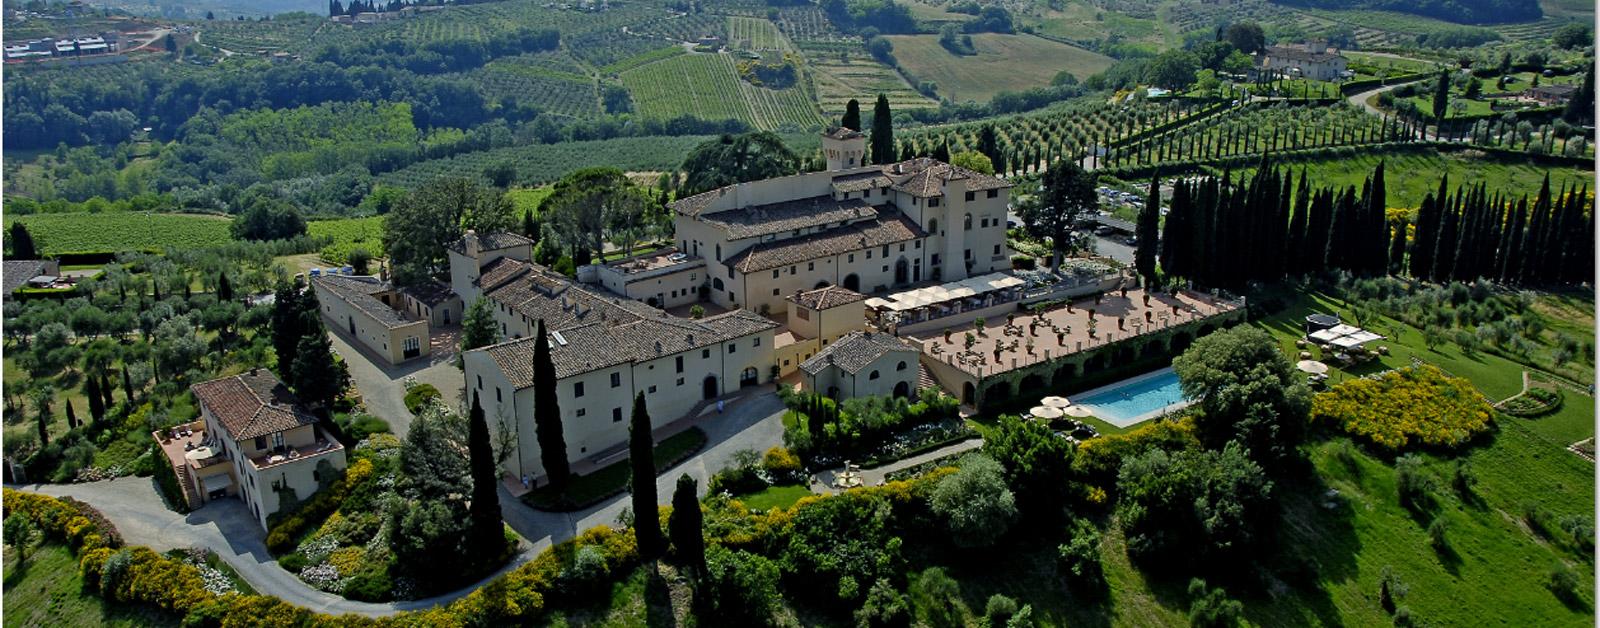 Castello del Nero